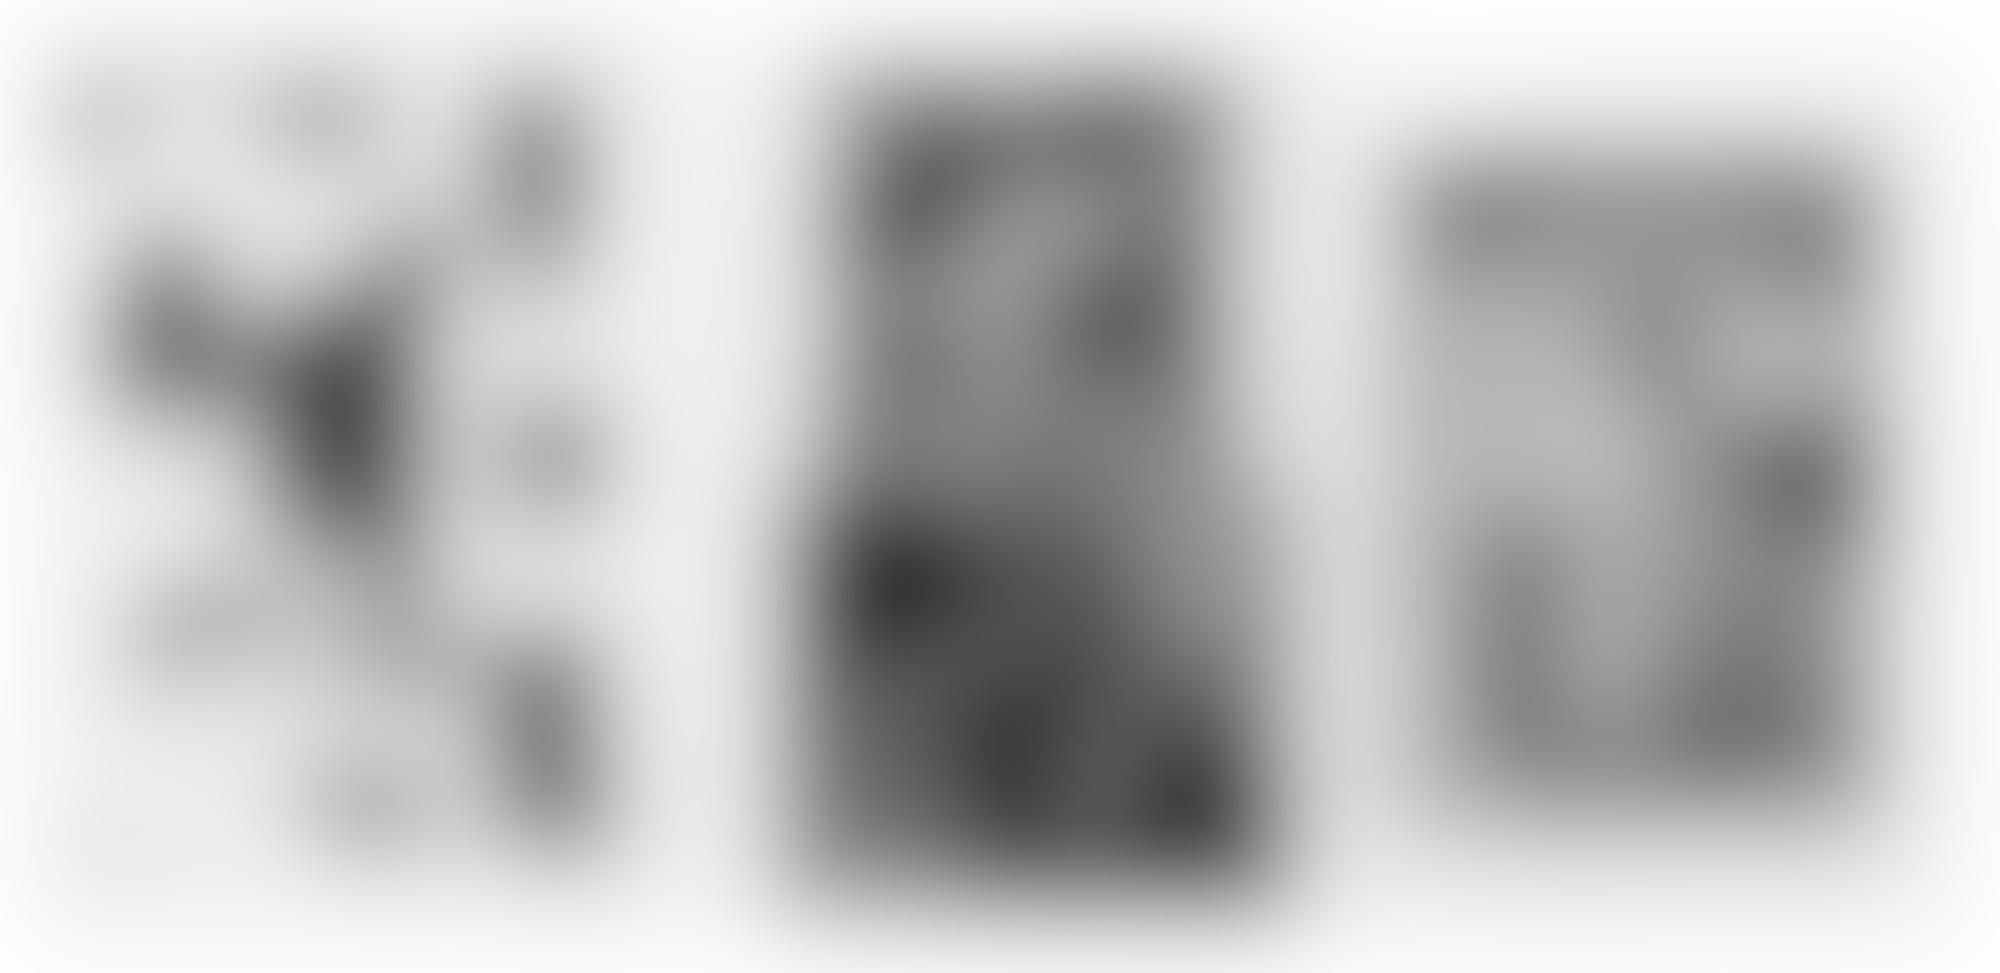 Heavy Zine made March 2019 autocompressfitresizeixlibphp 1 1 0max h2000max w3 D2000q80s4e761fd5595cc6552305b03e5be71833